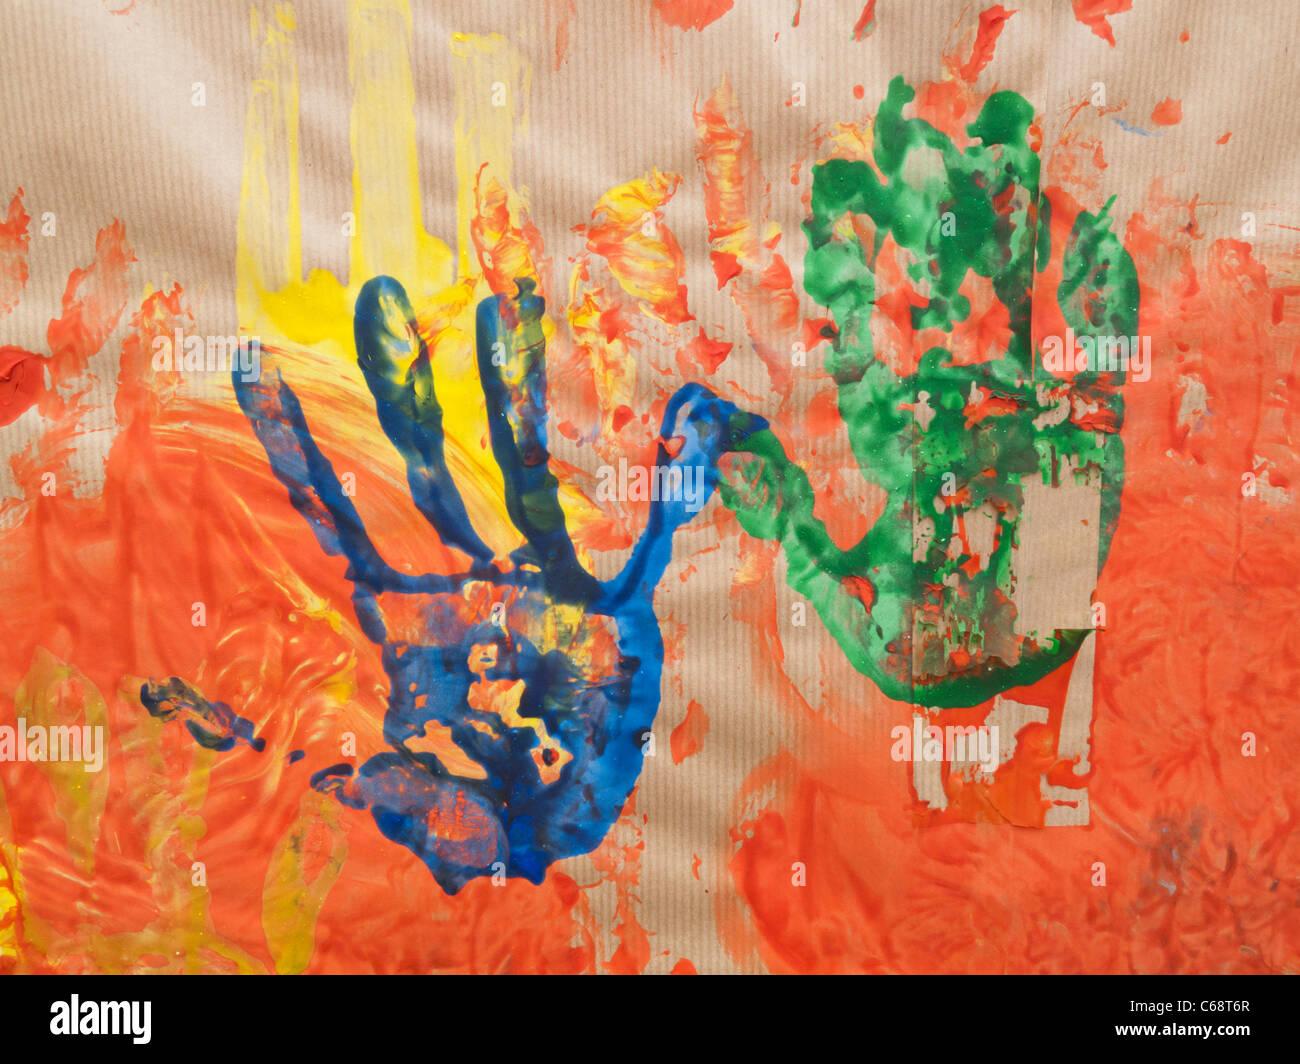 Impressione di mani realizzata con vernice su carta marrone Immagini Stock